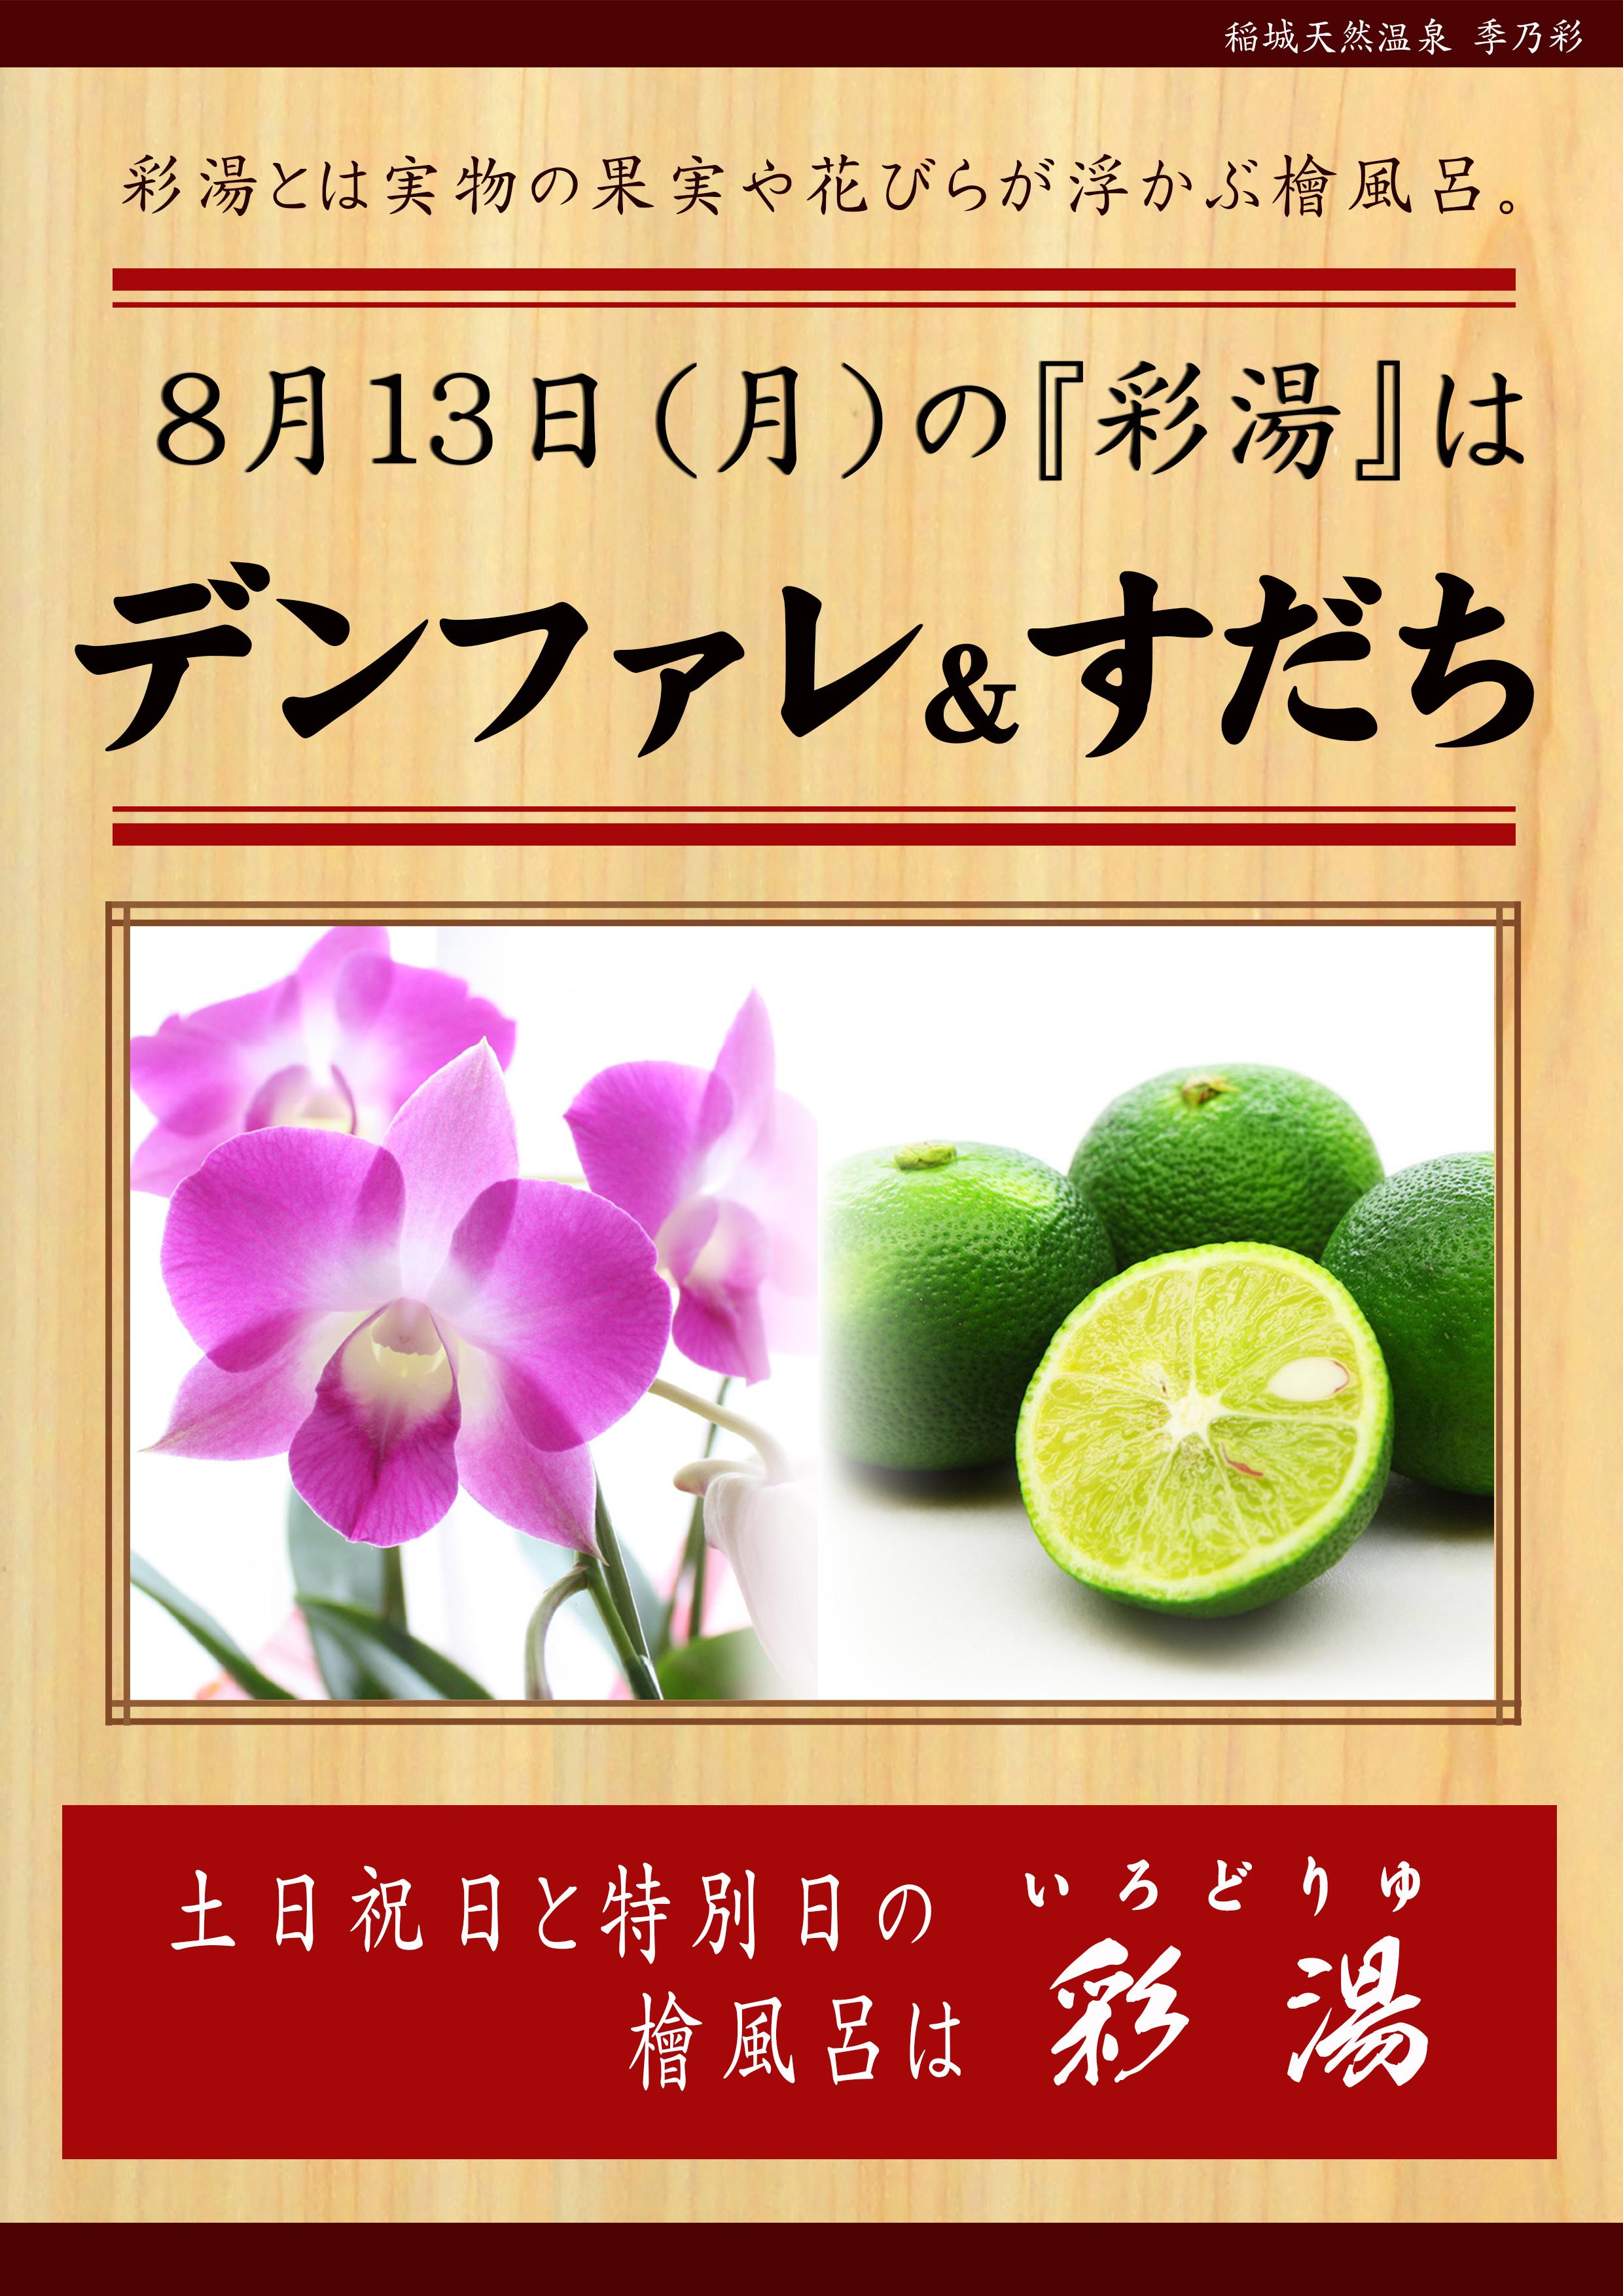 20180813POP イベント 彩湯 デンファレ・すだち